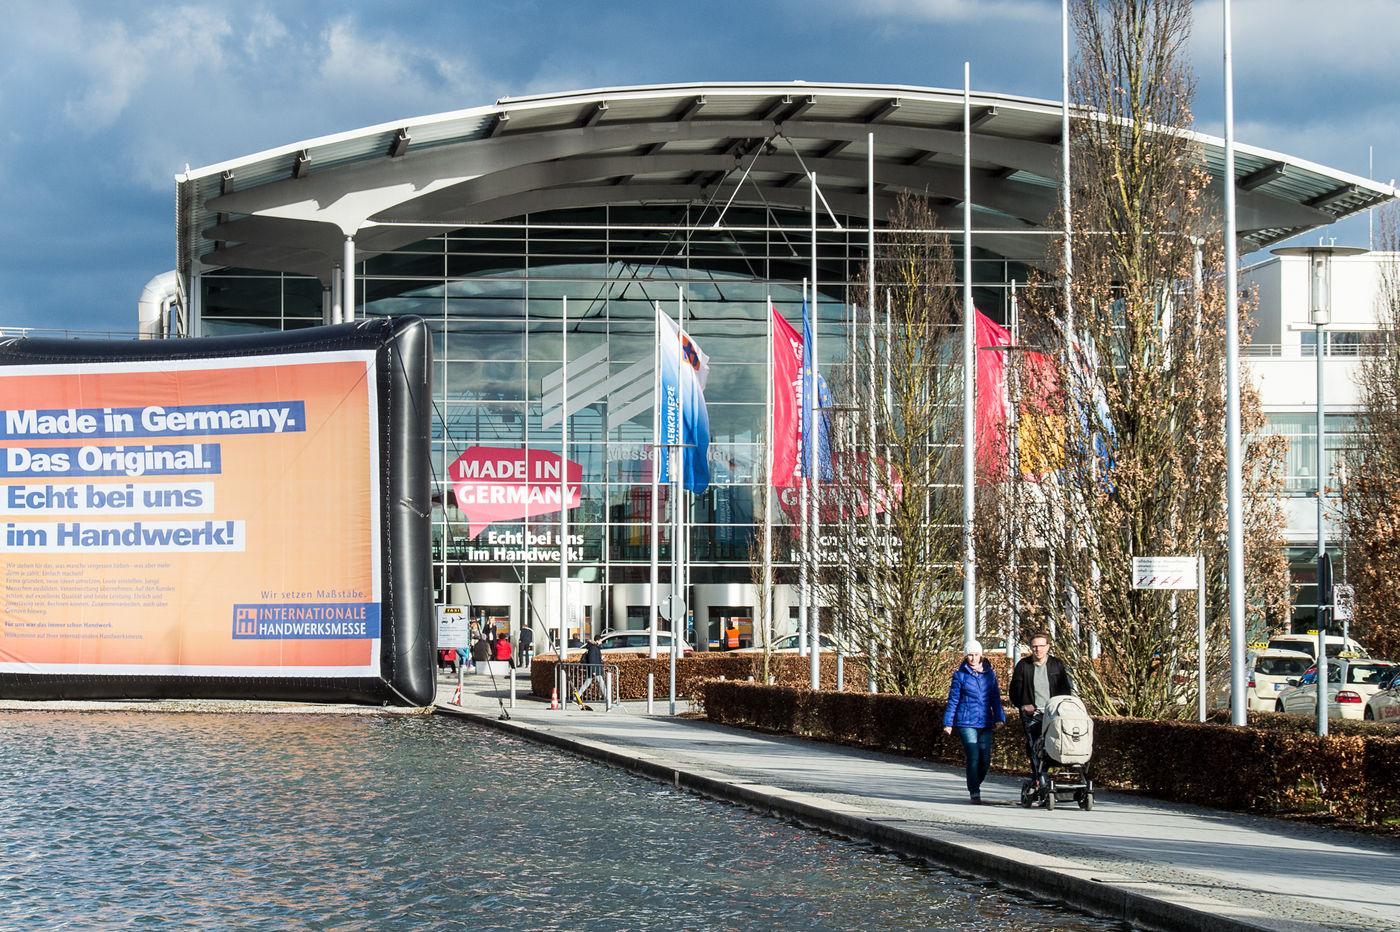 Ofenbauer München die internationale handwerksmesse 2018 antenne bayern